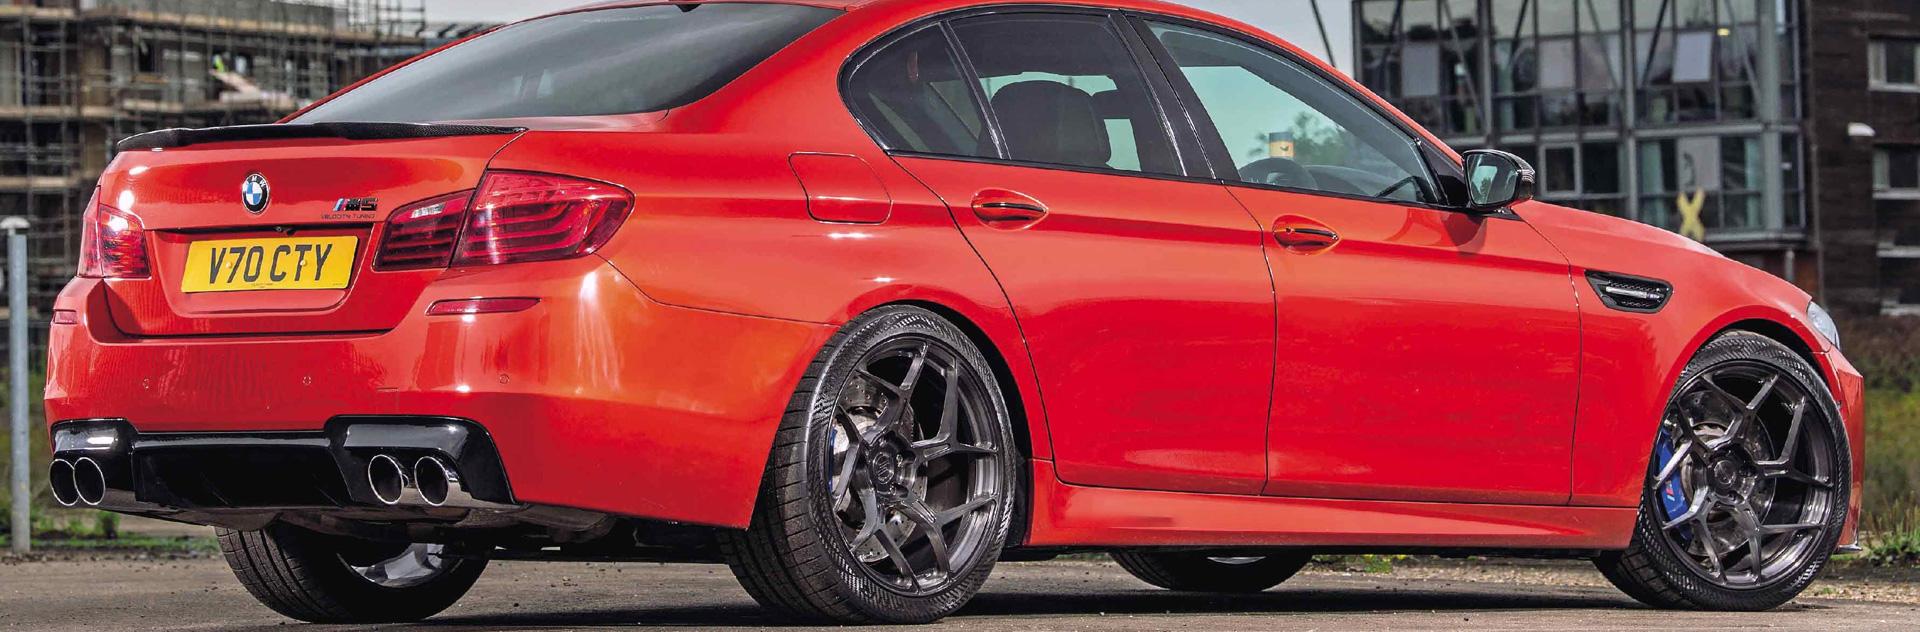 Hệ thống pô độ thể thao cho BMW F10 5 series Eurocar